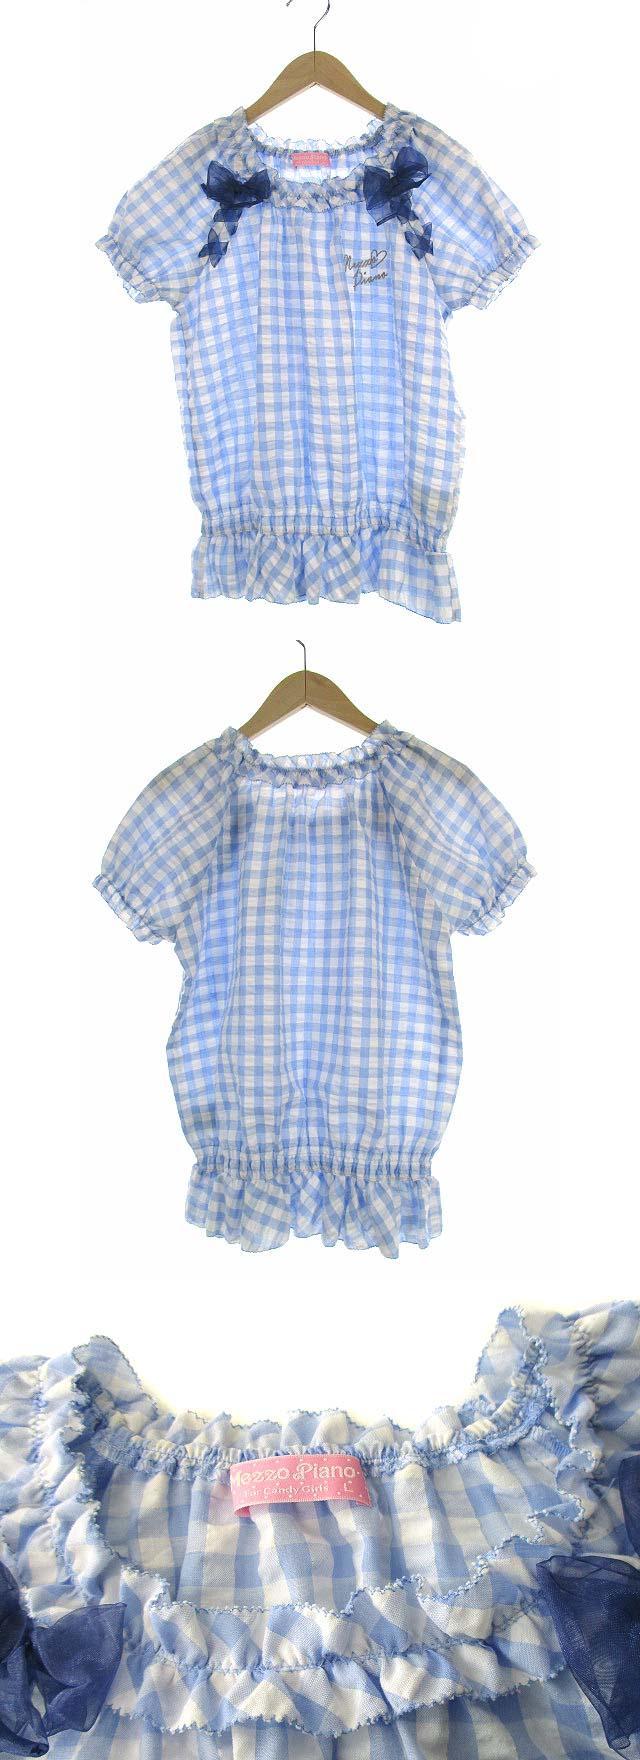 トップス ブラウス フリル 半袖 ギンガムチェック リボン ブルー 白 L 160 子供服 女の子